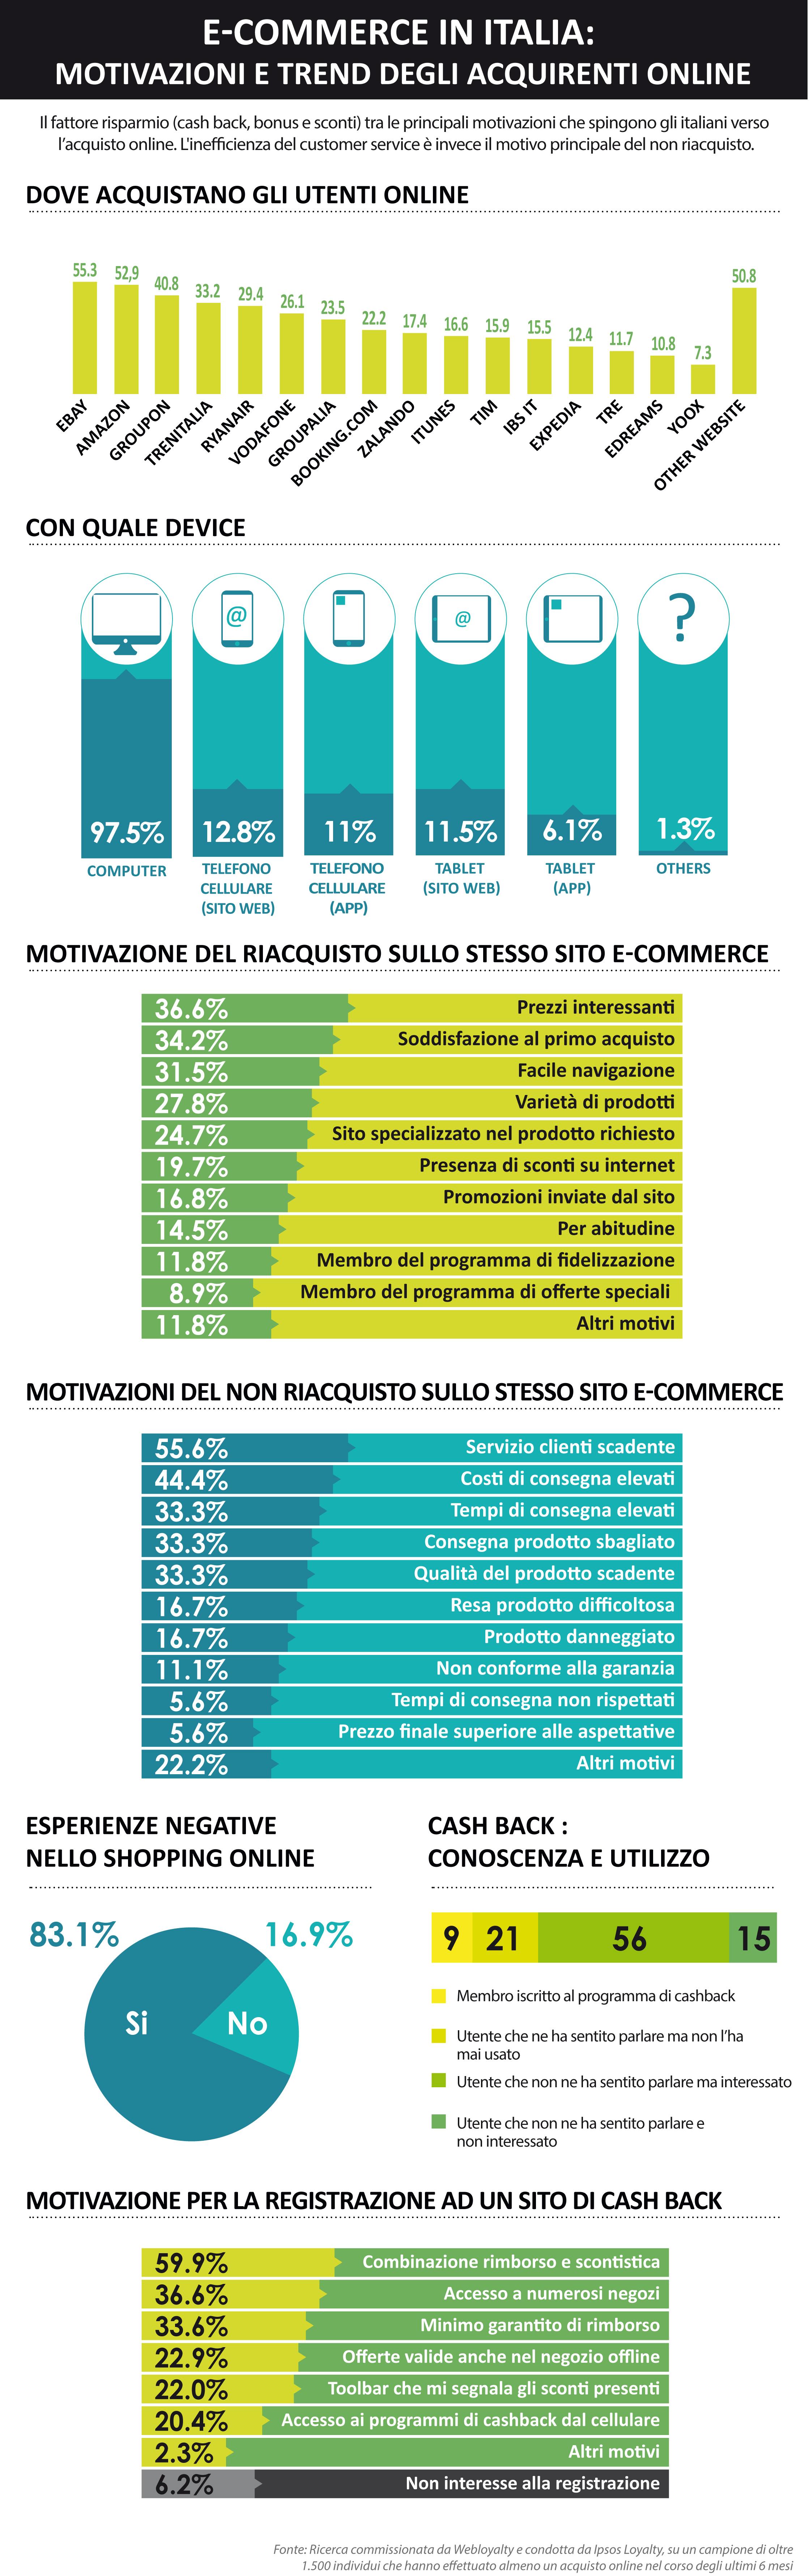 E-commerce in Italia: motivazioni e trend degli utenti